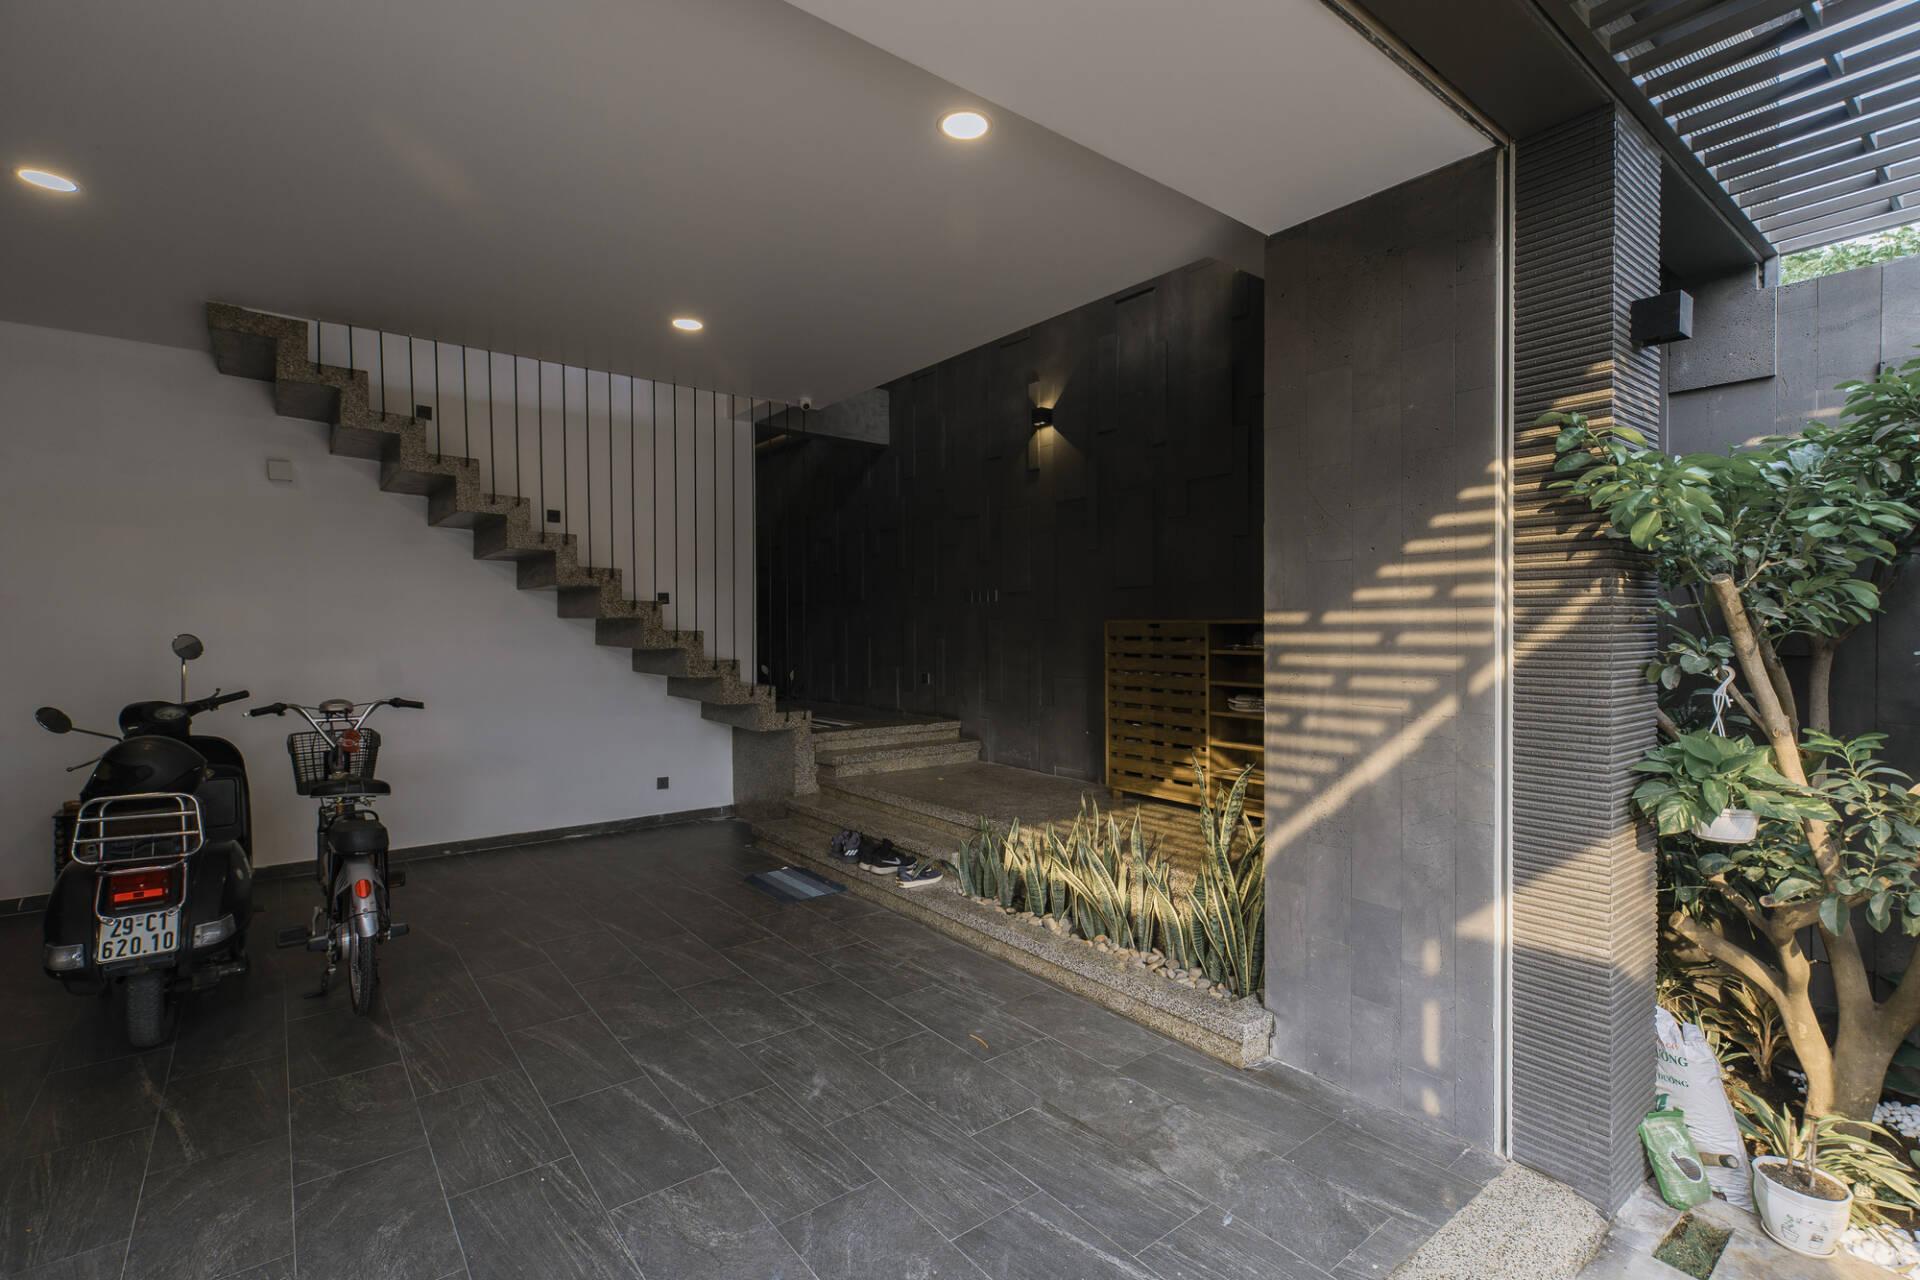 Tầng 1 dùng làm gara để xe và phòng ngủ nhỏ dành cho khách